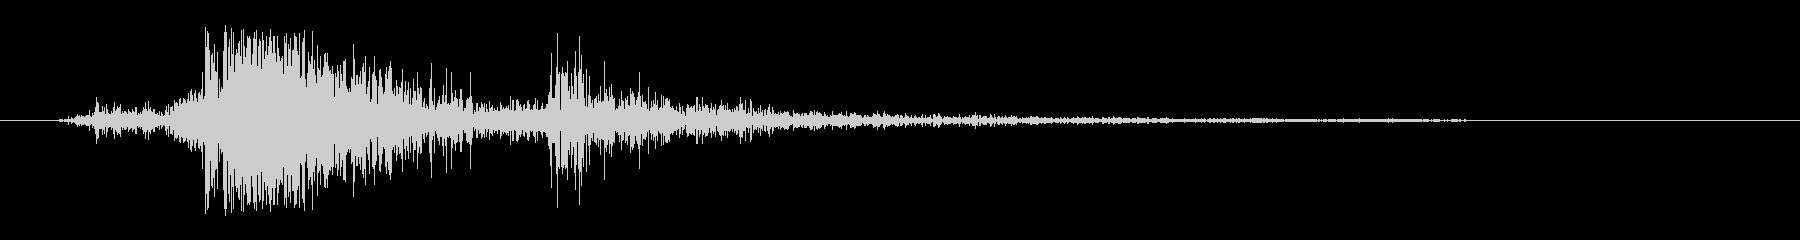 パシャ(力強く短めのカメラ音)の未再生の波形